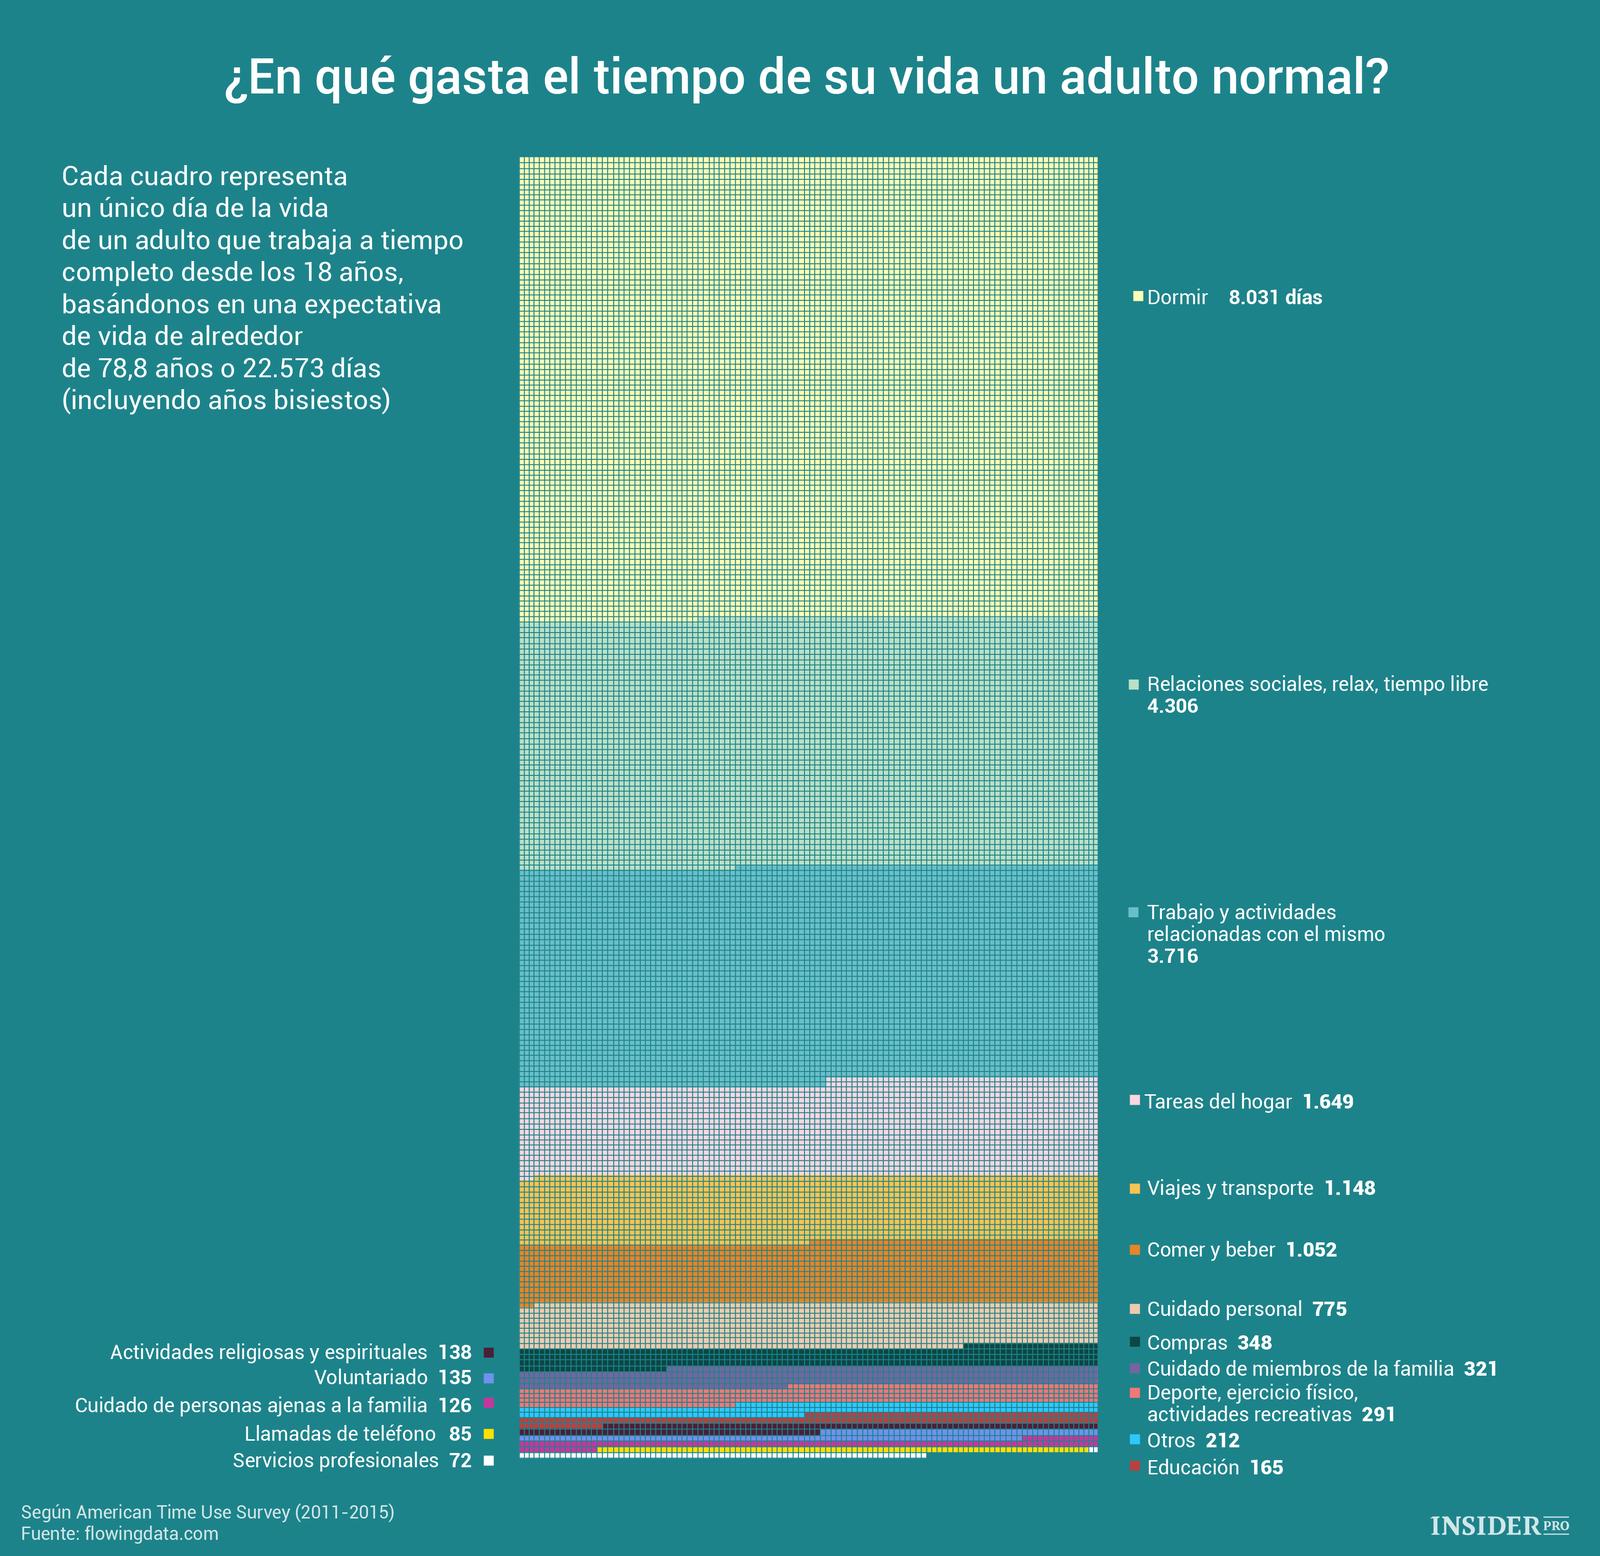 En qué gasta el tiempo de su vida un adulto normal #infografia #infographic